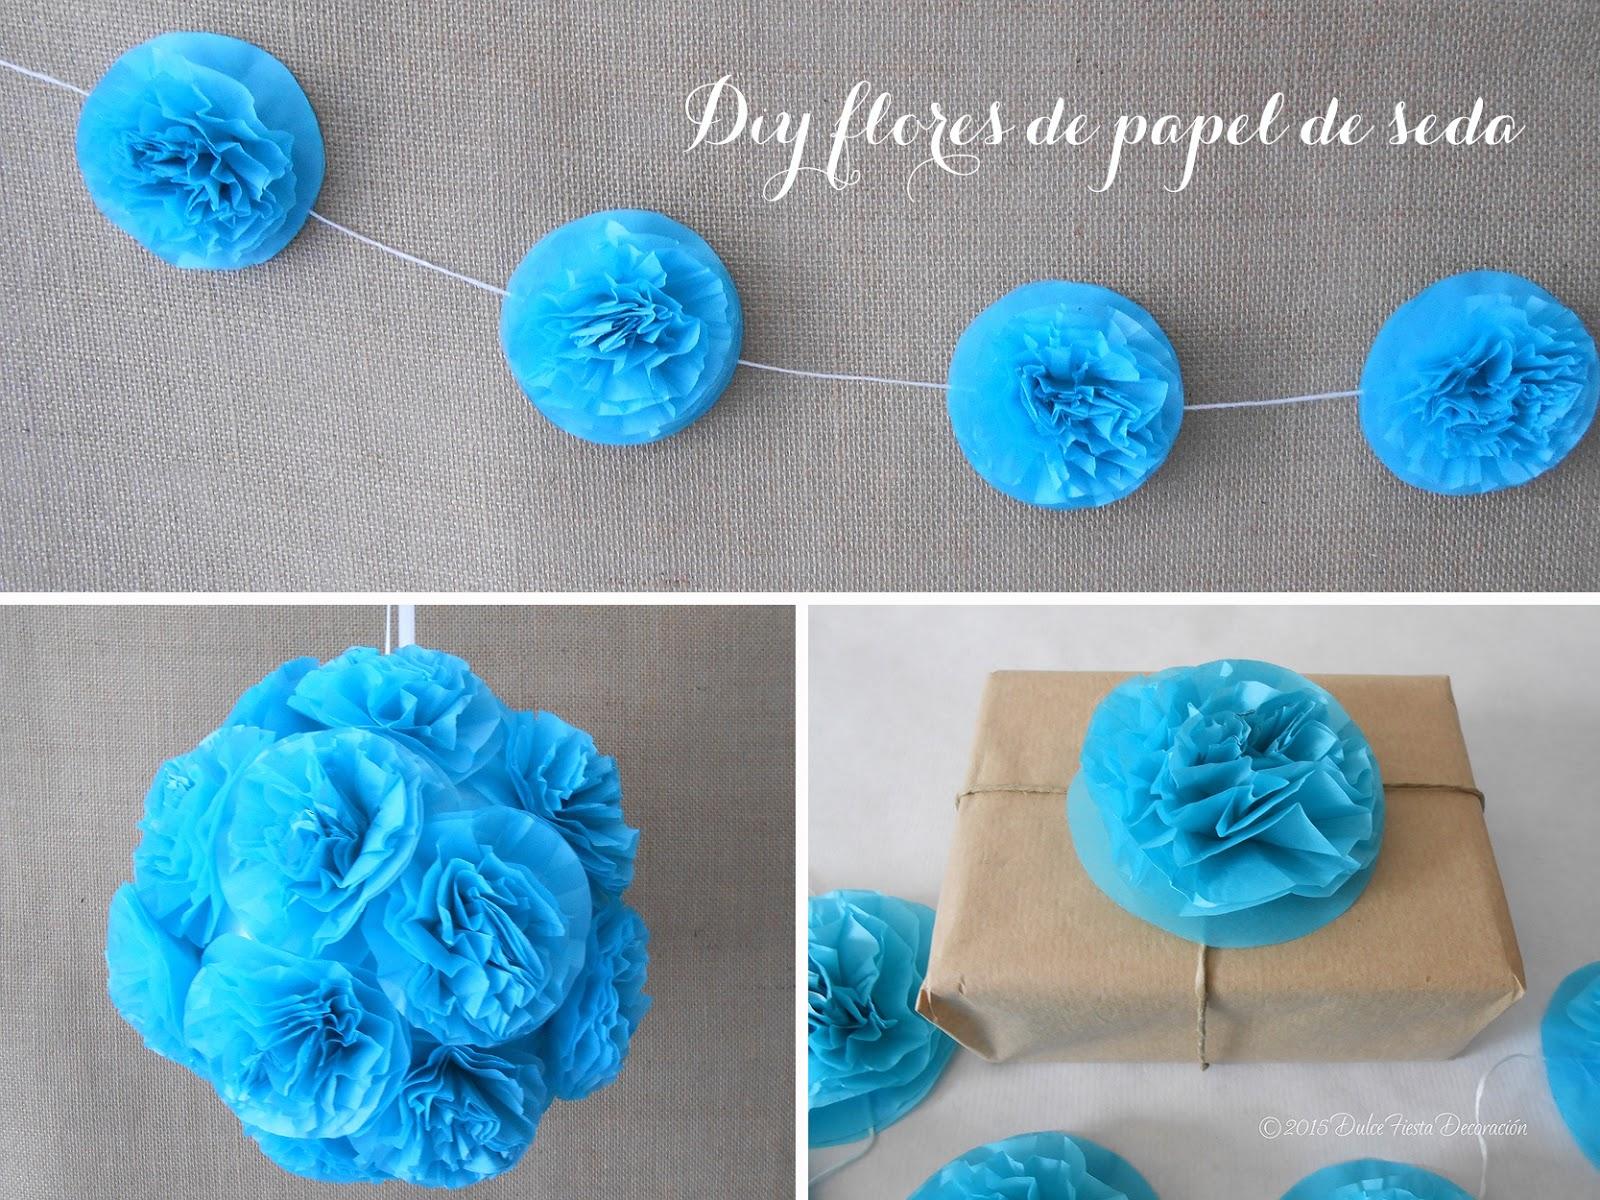 Dise o y decoraci n personalizada para eventos diy flores for Decoracion con papel barrilete